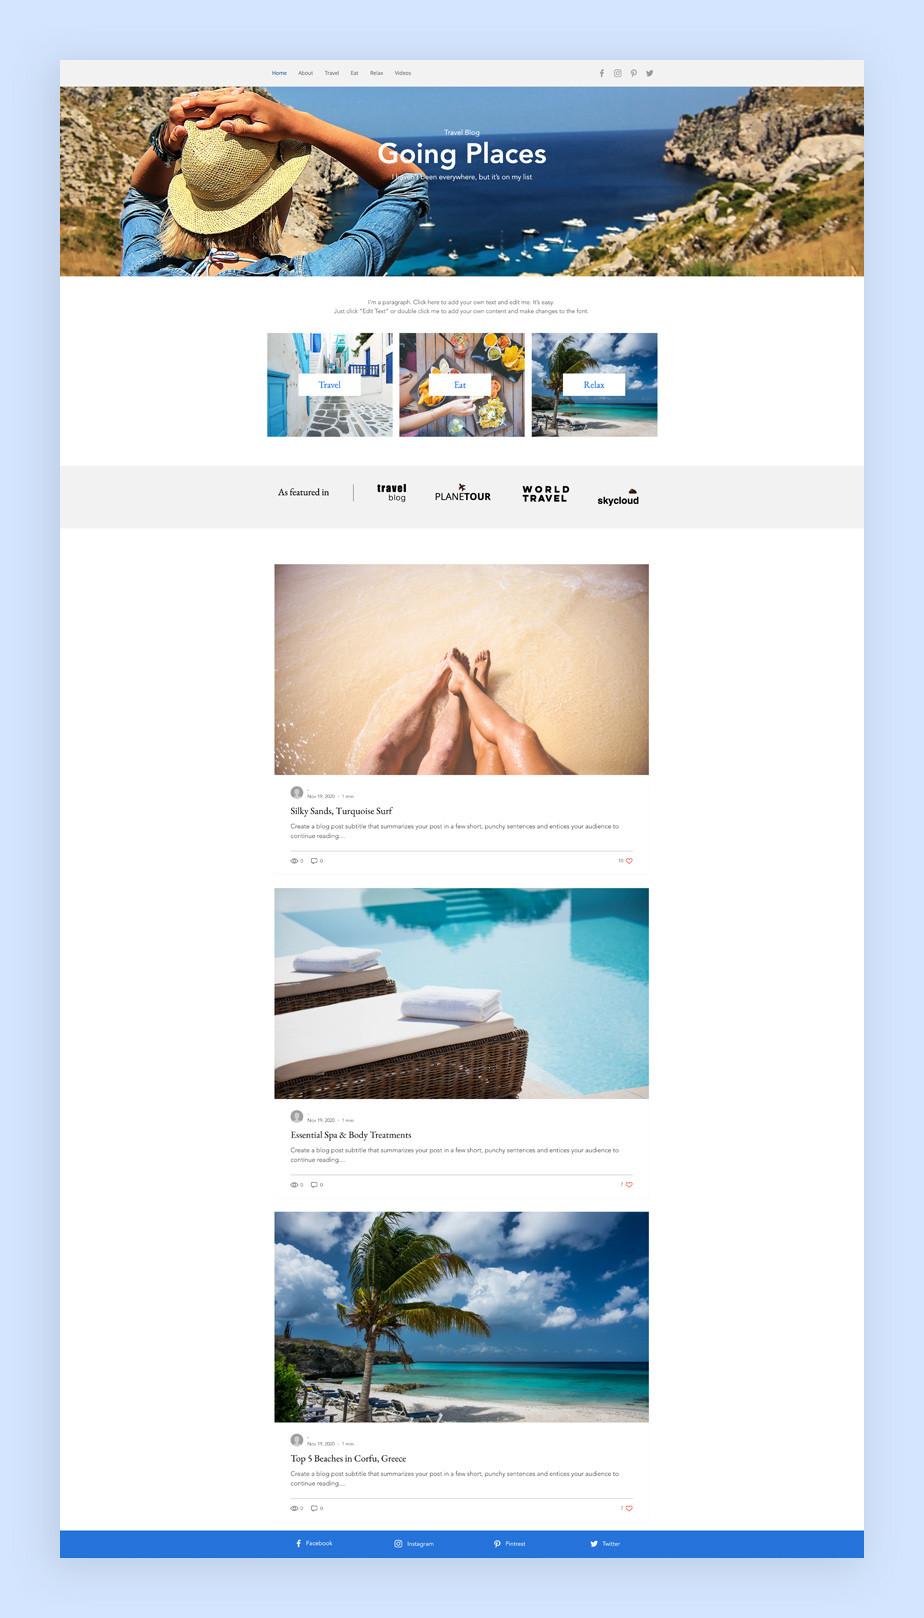 Najlepsze szablony blogów: szablon bloga podróżniczego